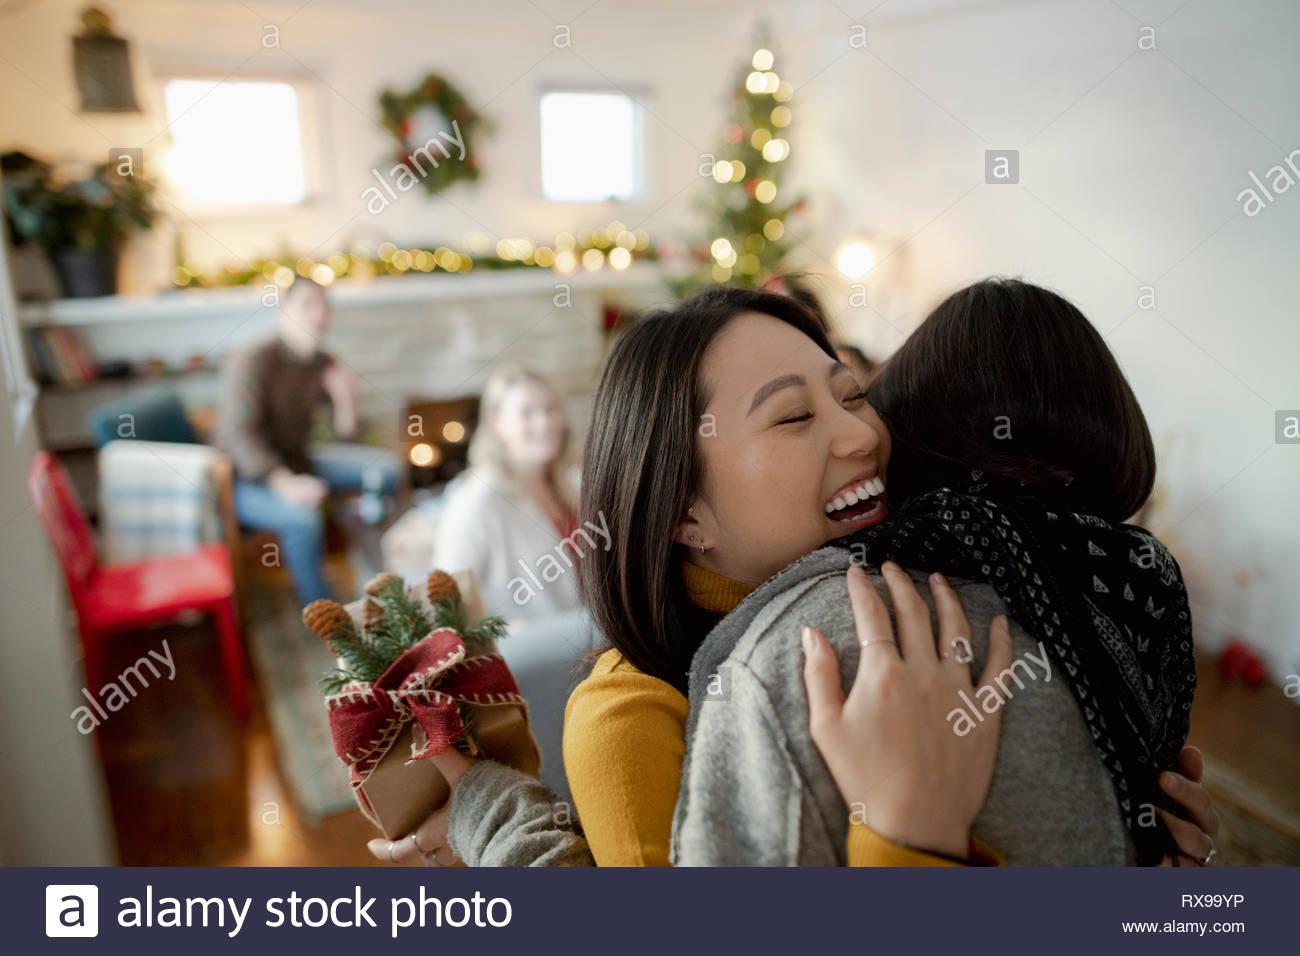 Felice giovane donna saluto amico con il regalo di natale Immagini Stock